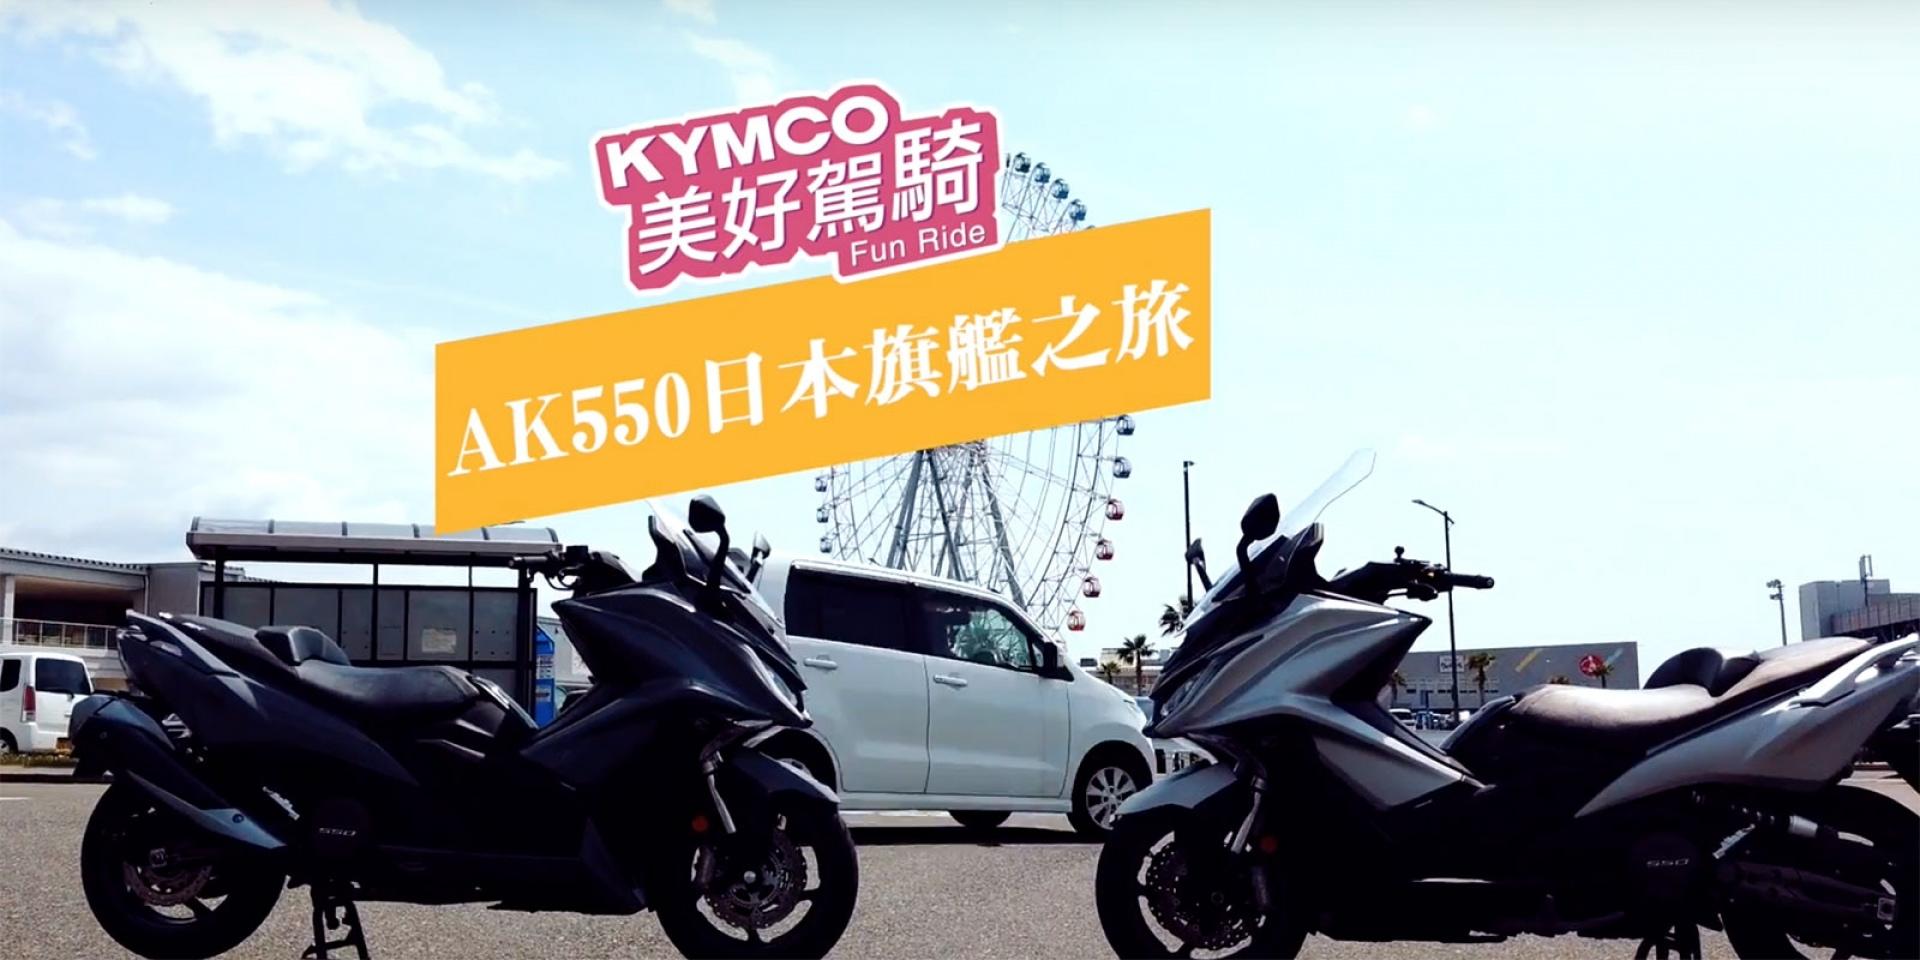 讓騎車不只是騎車,2019光陽美好駕騎 AK日本遊